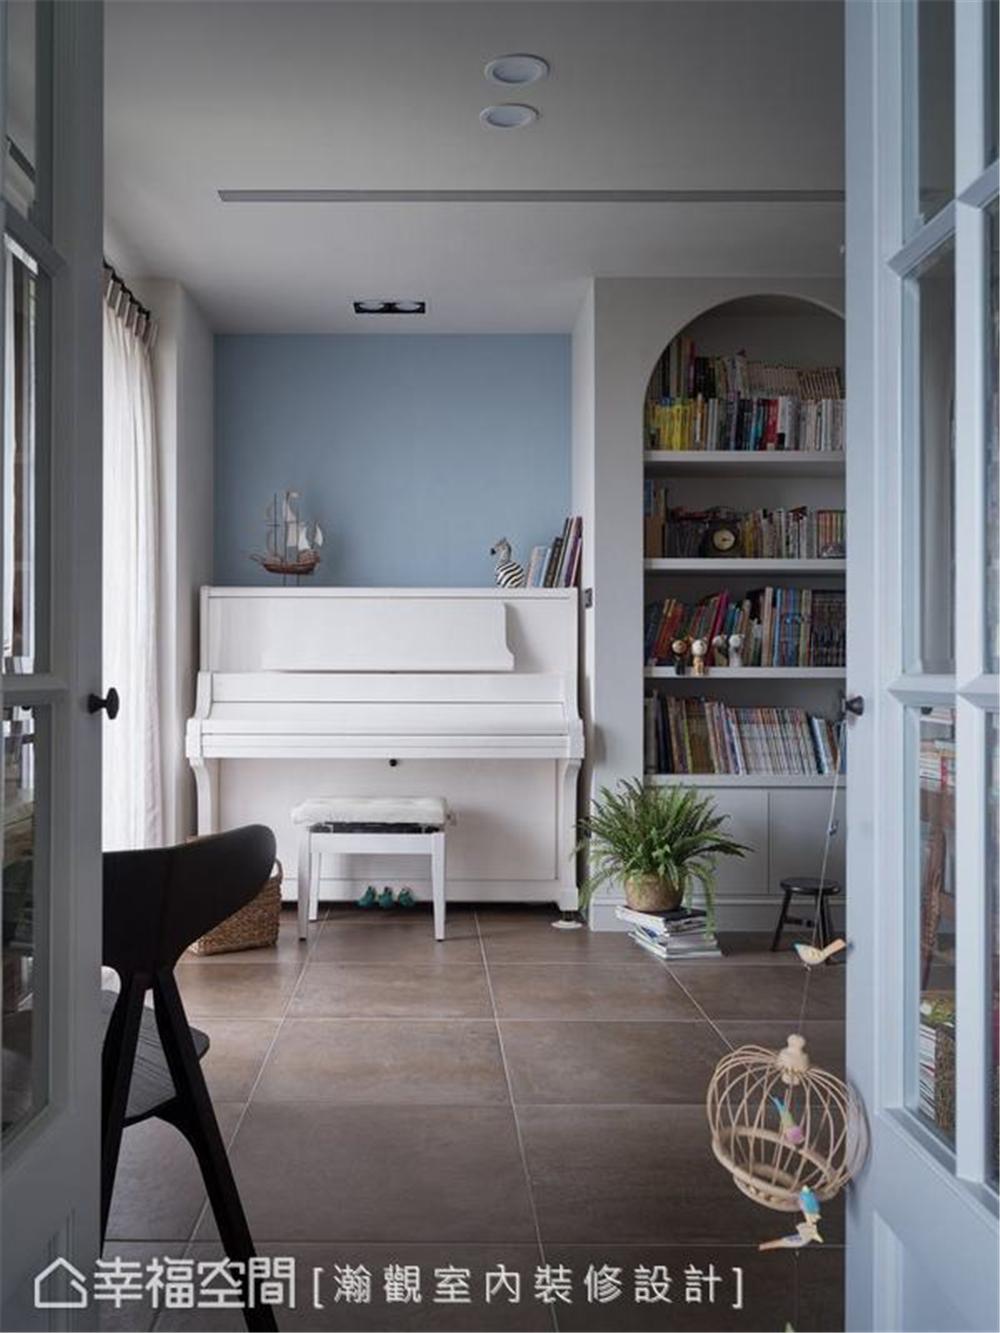 装修设计 装修完成 混搭 书房图片来自幸福空间在264平, 渲染独一无二的生活画布的分享